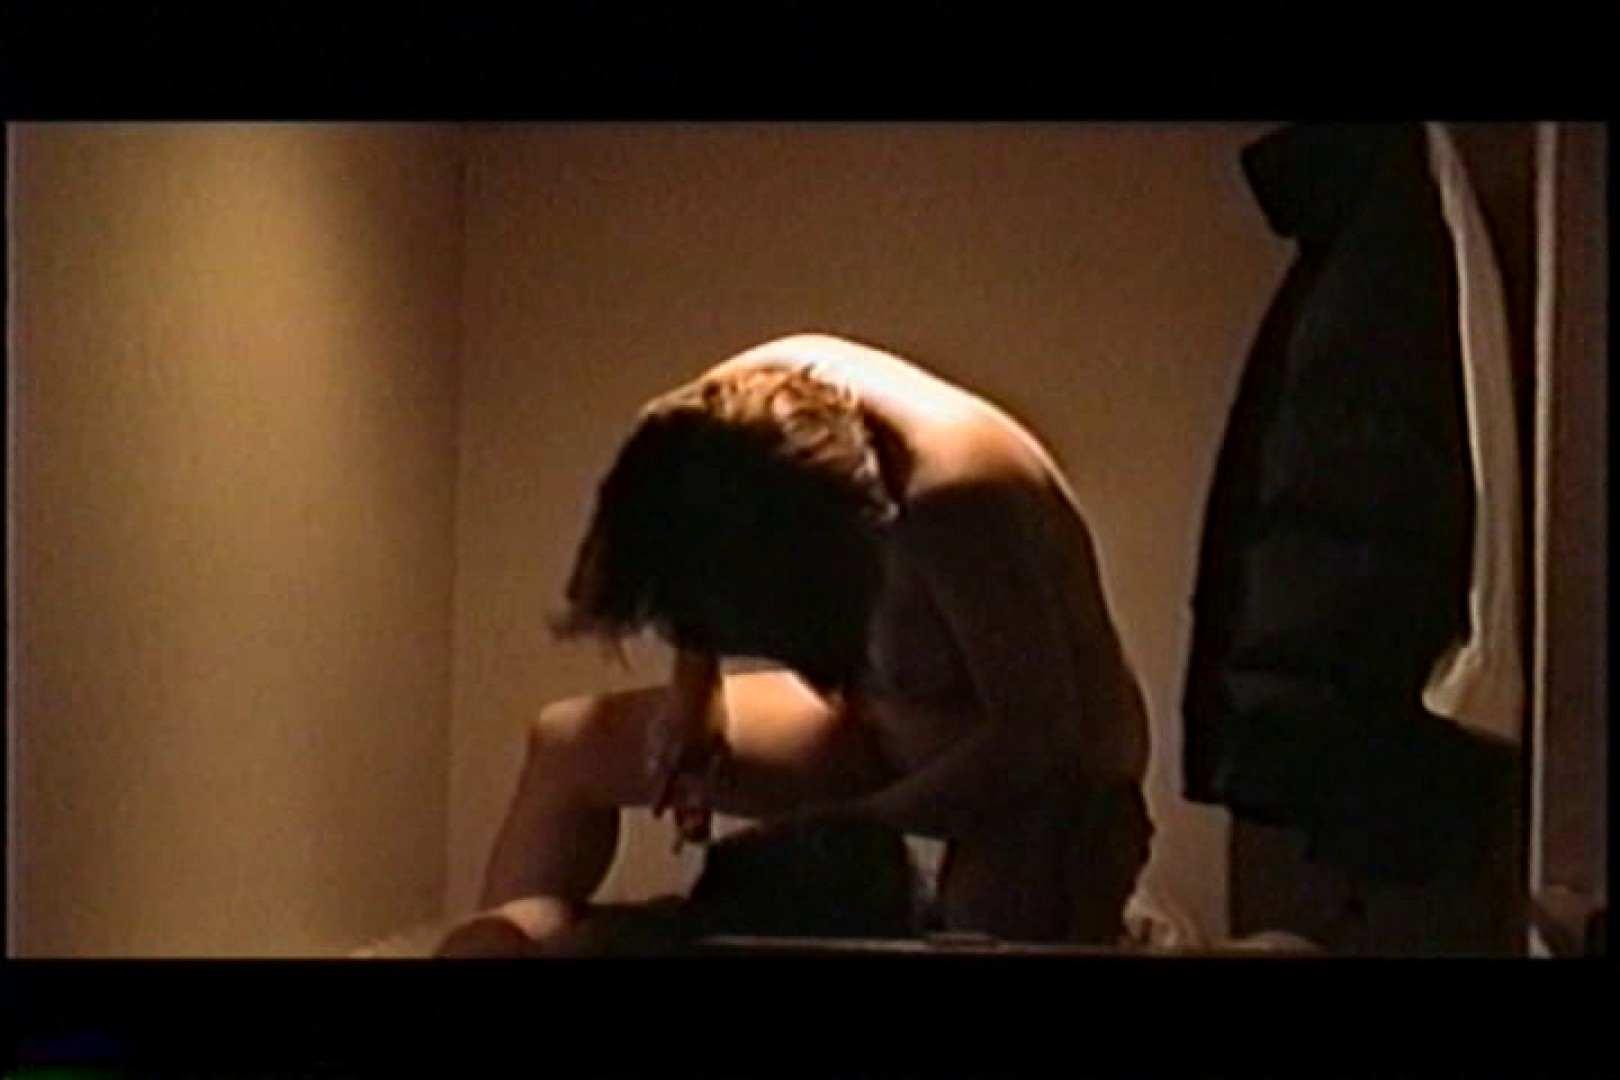 デリ嬢マル秘撮り本物投稿版② 乳首 おまんこ動画流出 95pic 65